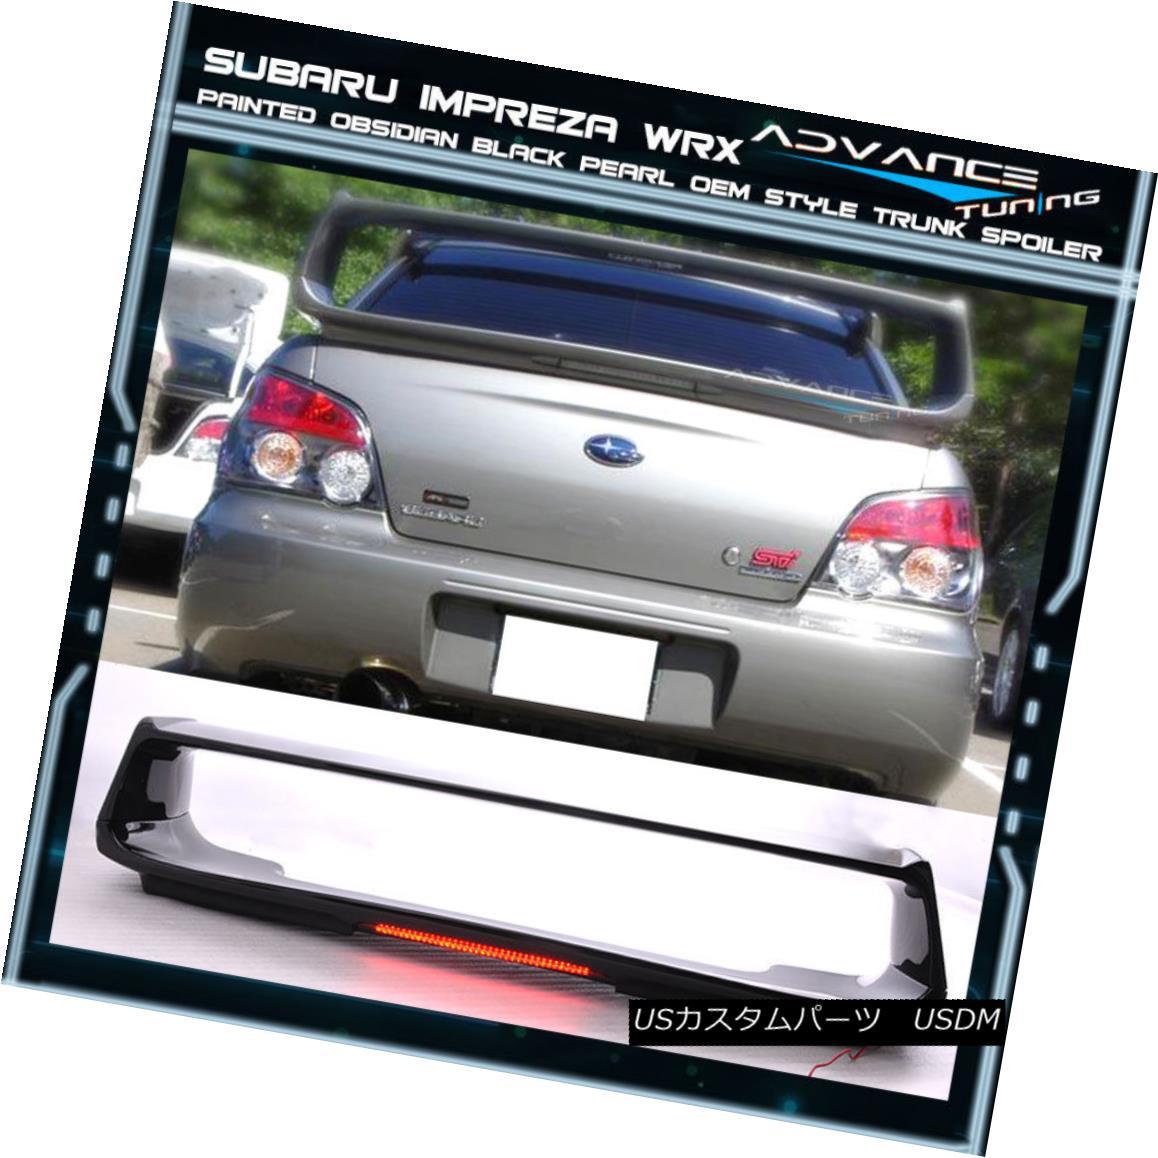 エアロパーツ 02-07 Fit WRX OEM Painted Color Obsidian Black Pearl ABS Trunk Spoiler (#32J) 02-07フィットWRX OEM塗装色黒曜石ブラックパールABSトランクスポイラー(#32J)